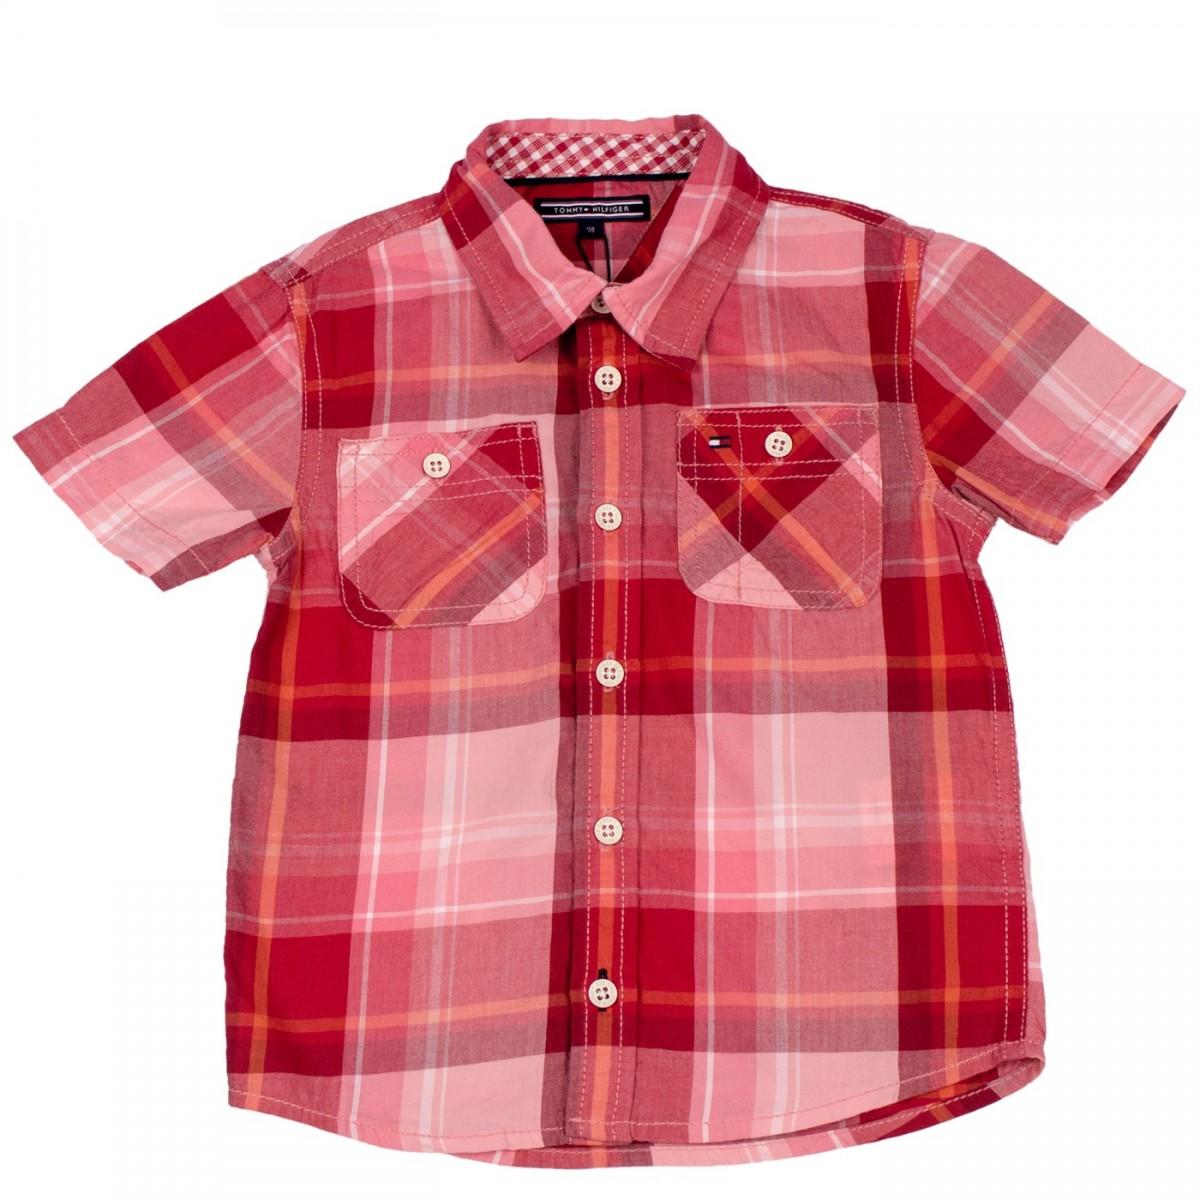 Bizz Store - Camisa Xadrez Infantil Bebê Menino Tommy Hilfiger 94a9e8a96bd87